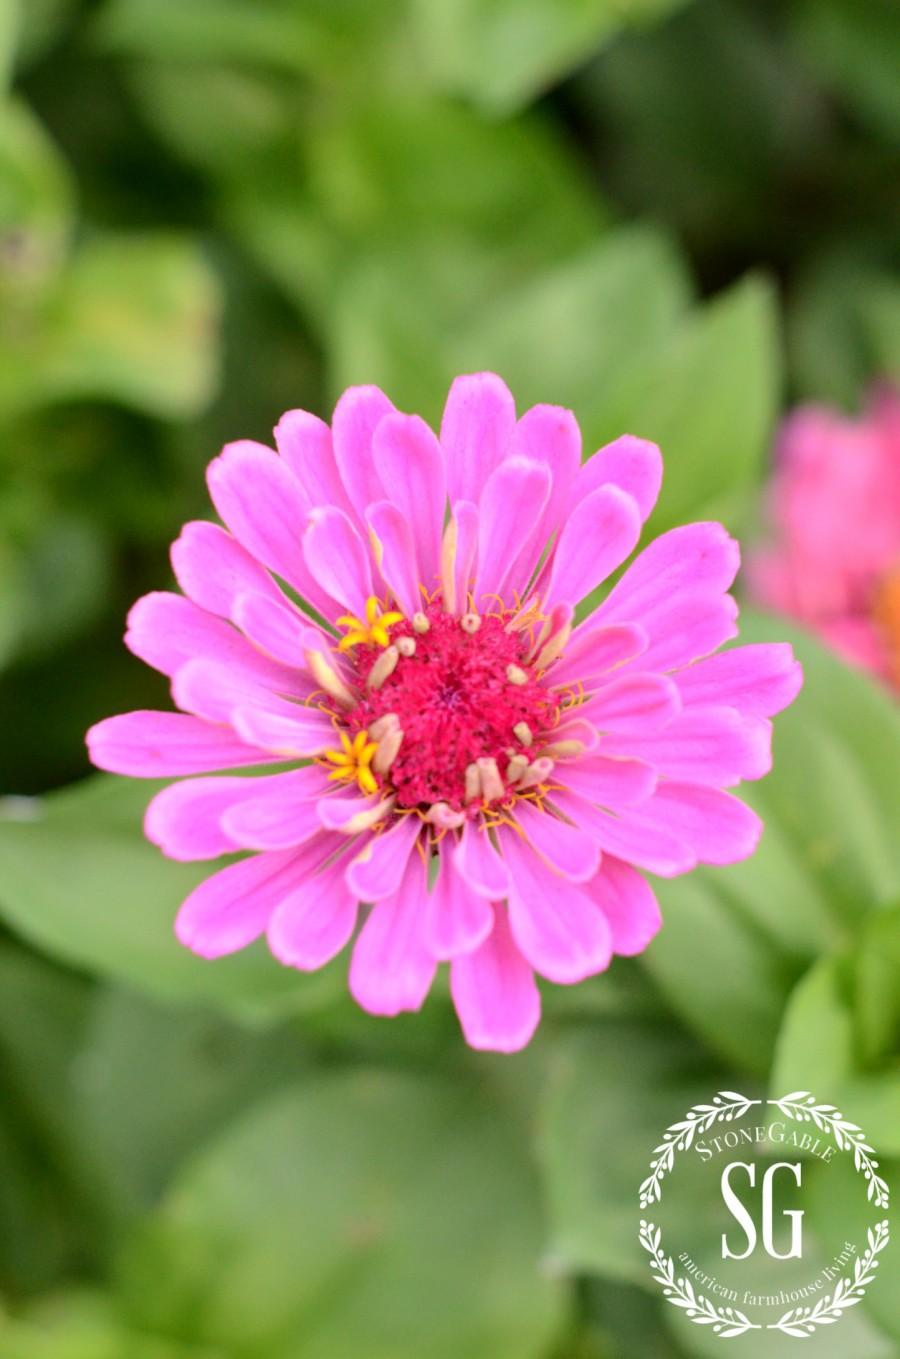 JULY IN THE VEGETABLE GARDEN-zinnias-stonegableblog.com